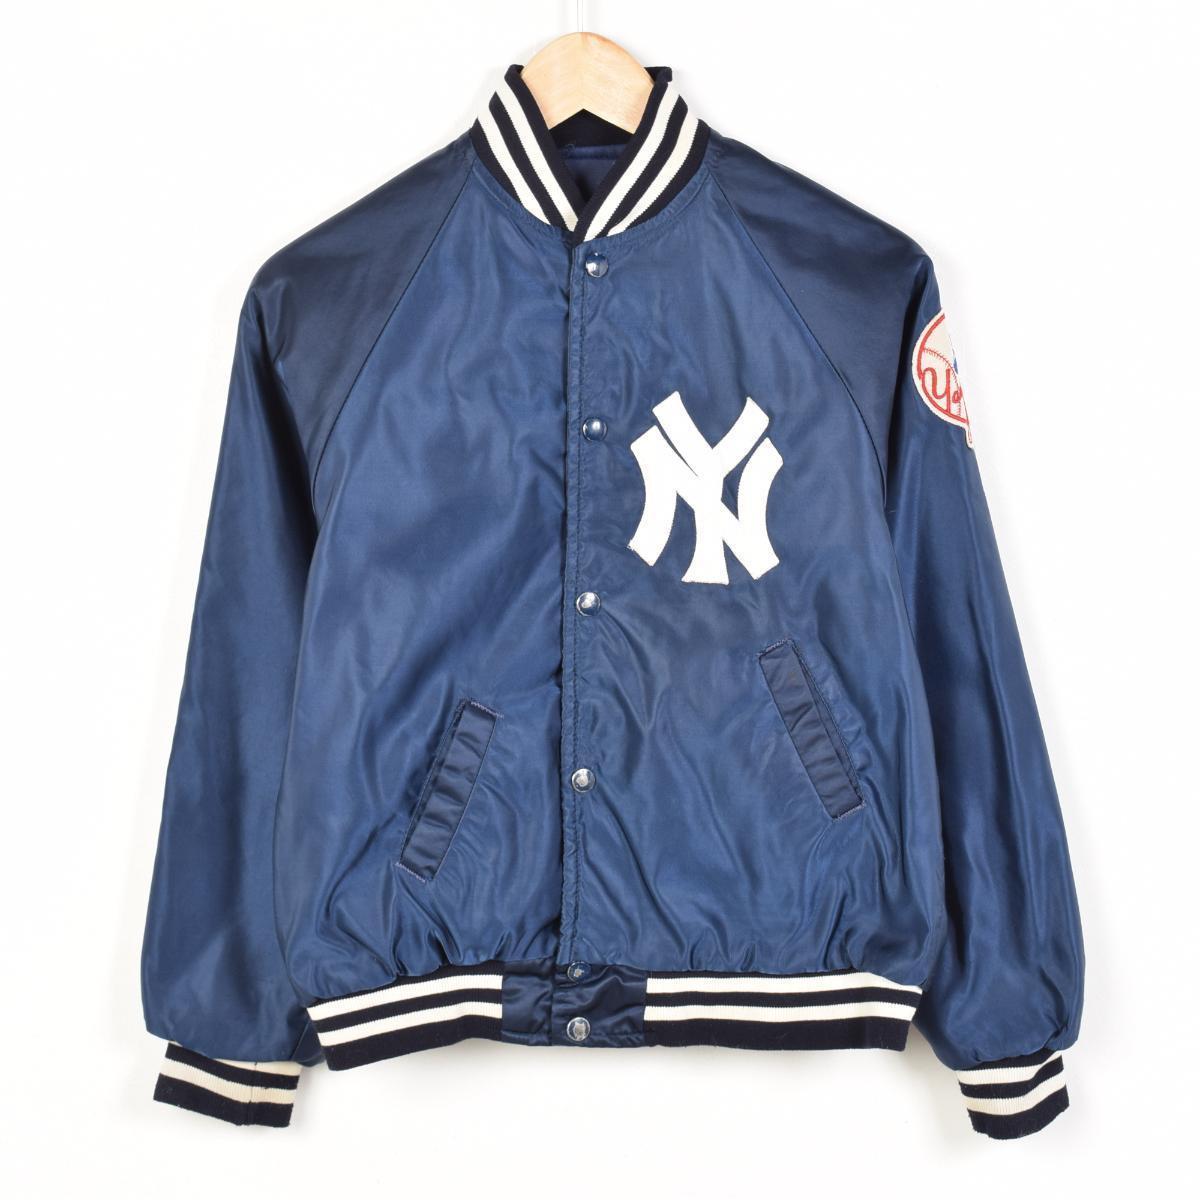 Starter MLB NY YANKEES New York Yankees nylon award jacket Award jacket  YOUTH Lady s M Starter  wez8710 10619dd8e8d